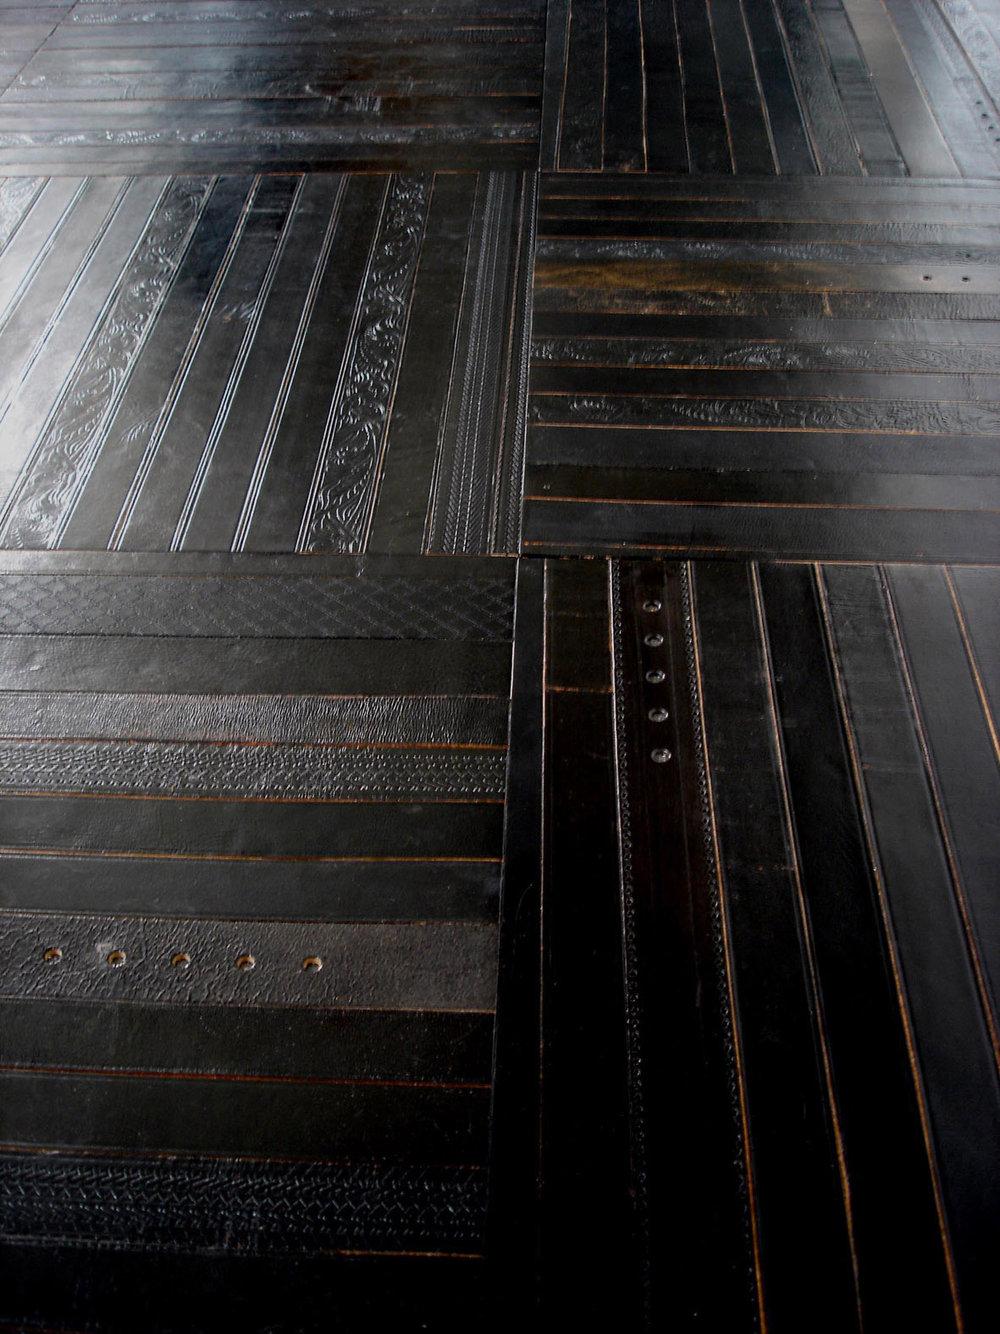 18 INCH BLACK BELTS.jpg